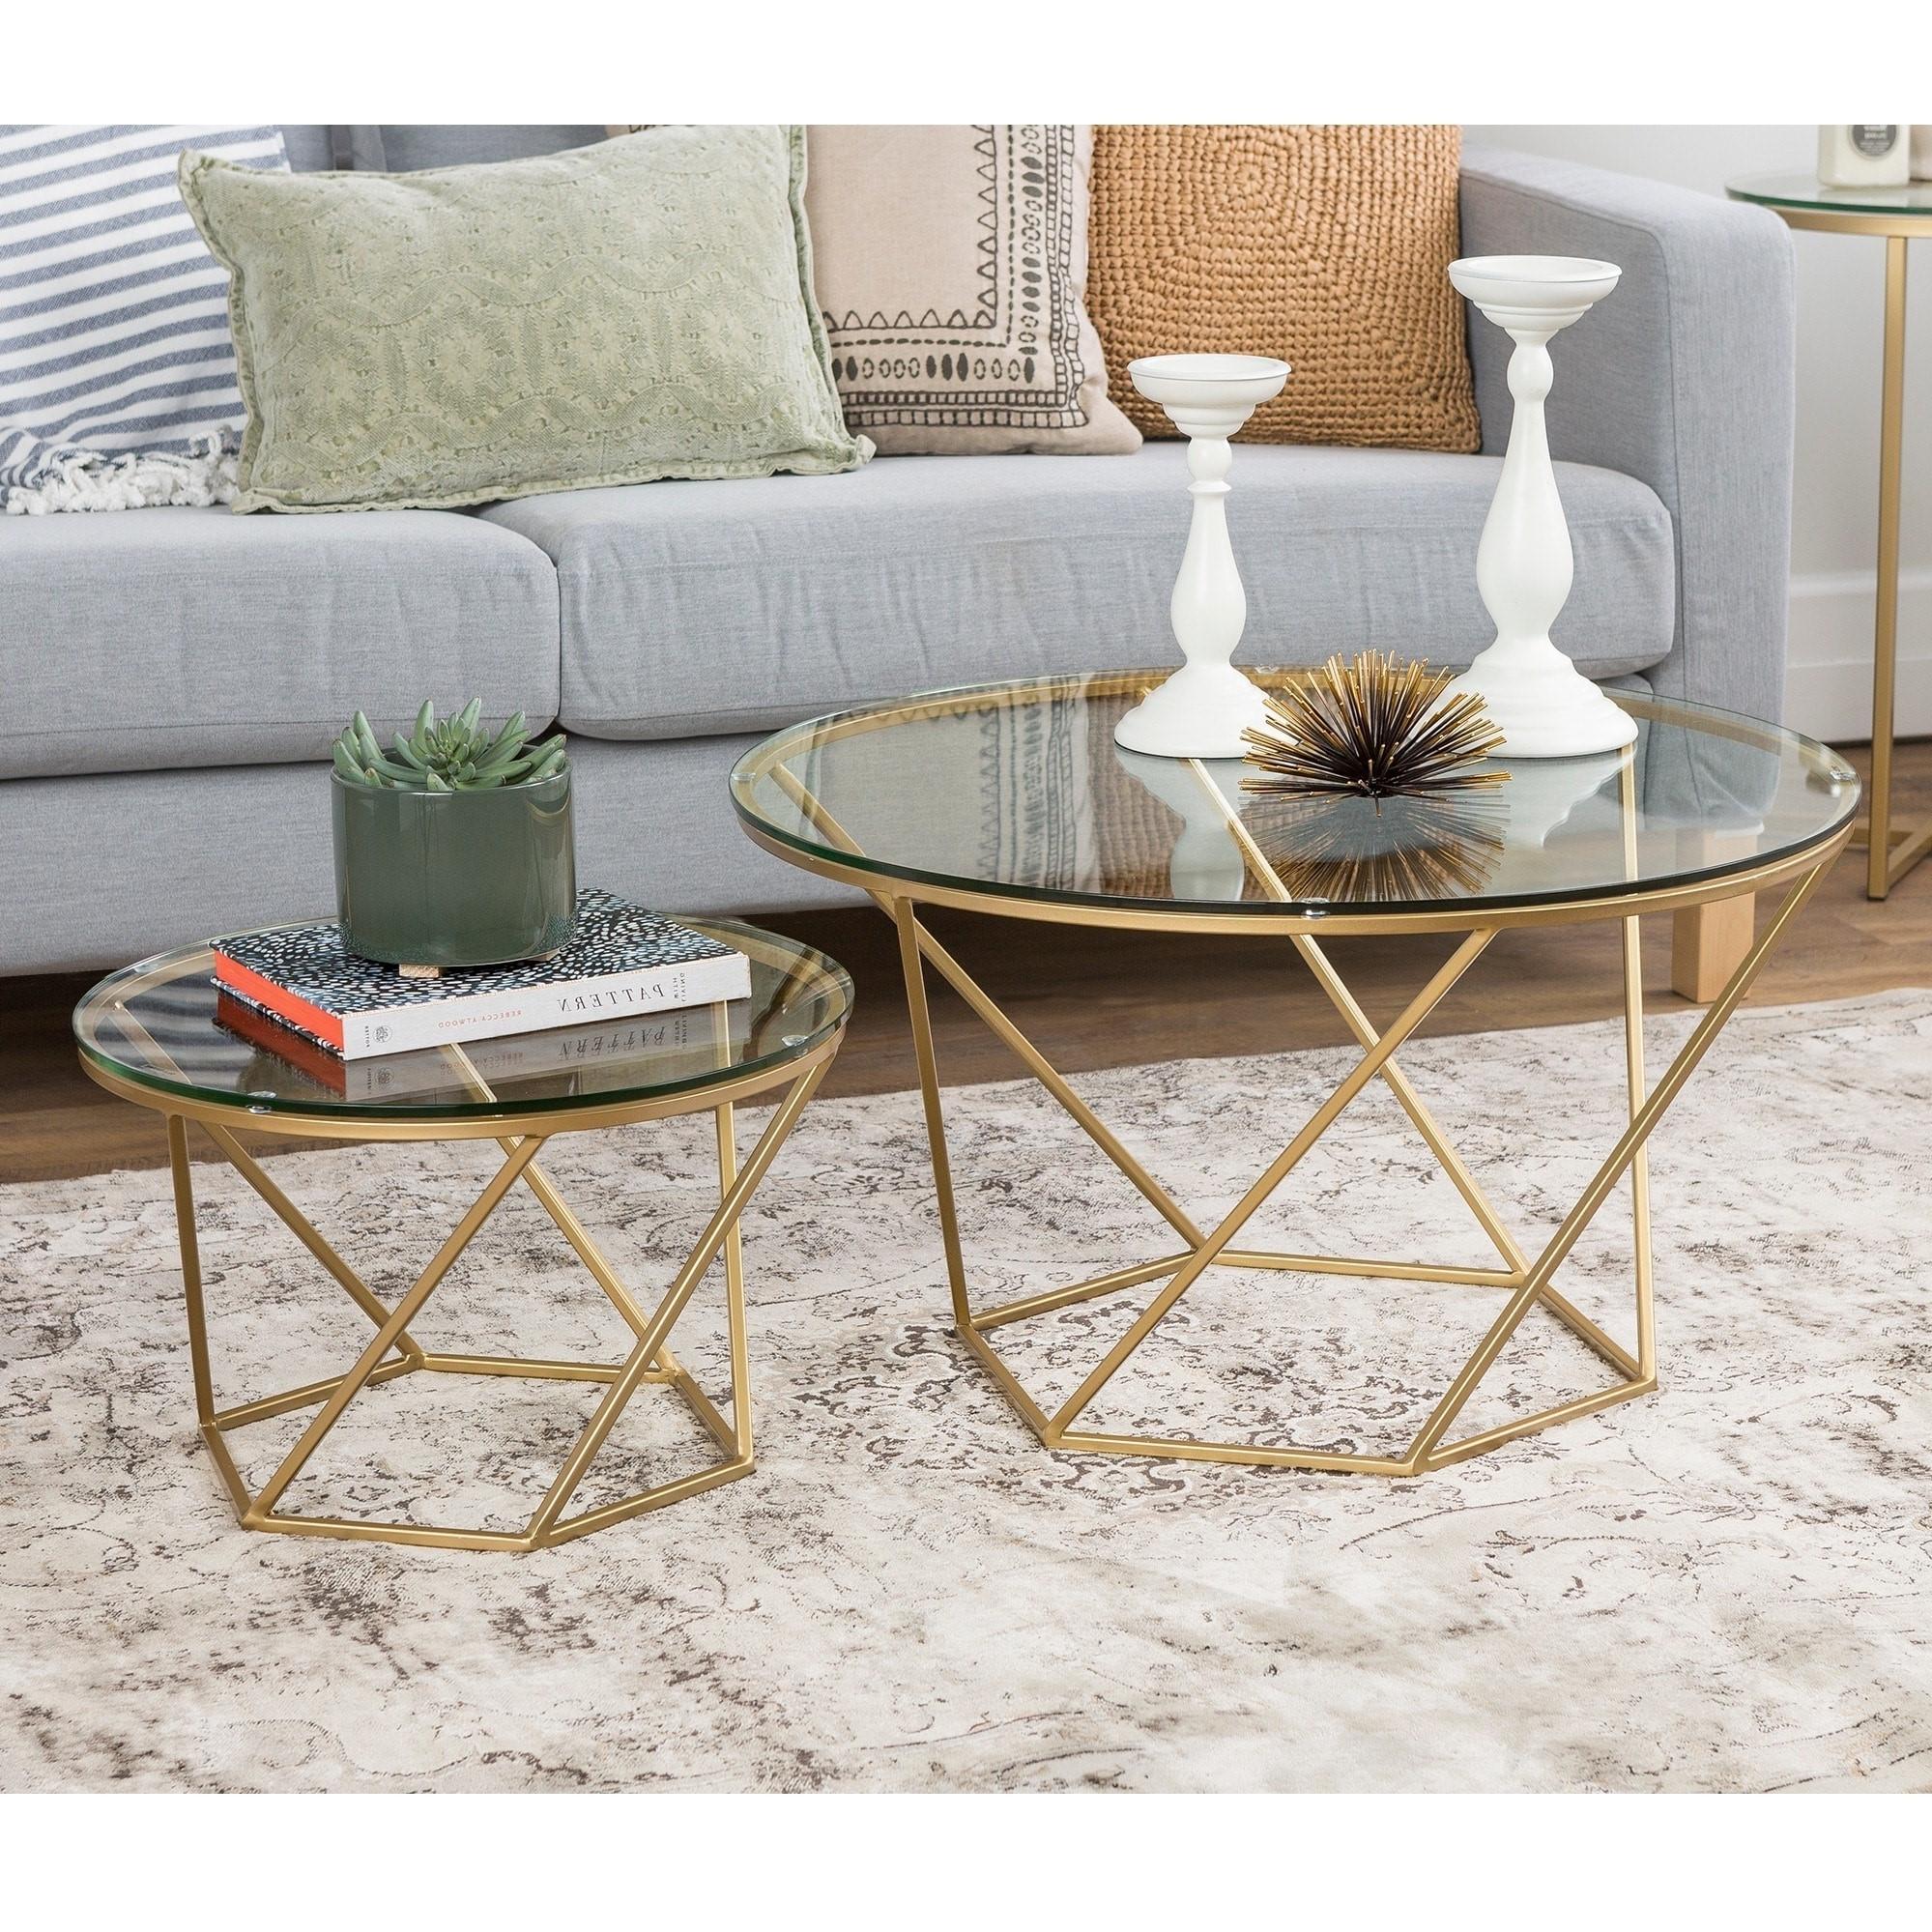 Associez une table gigogne pleine grandeur avec quelques tables basses simples.